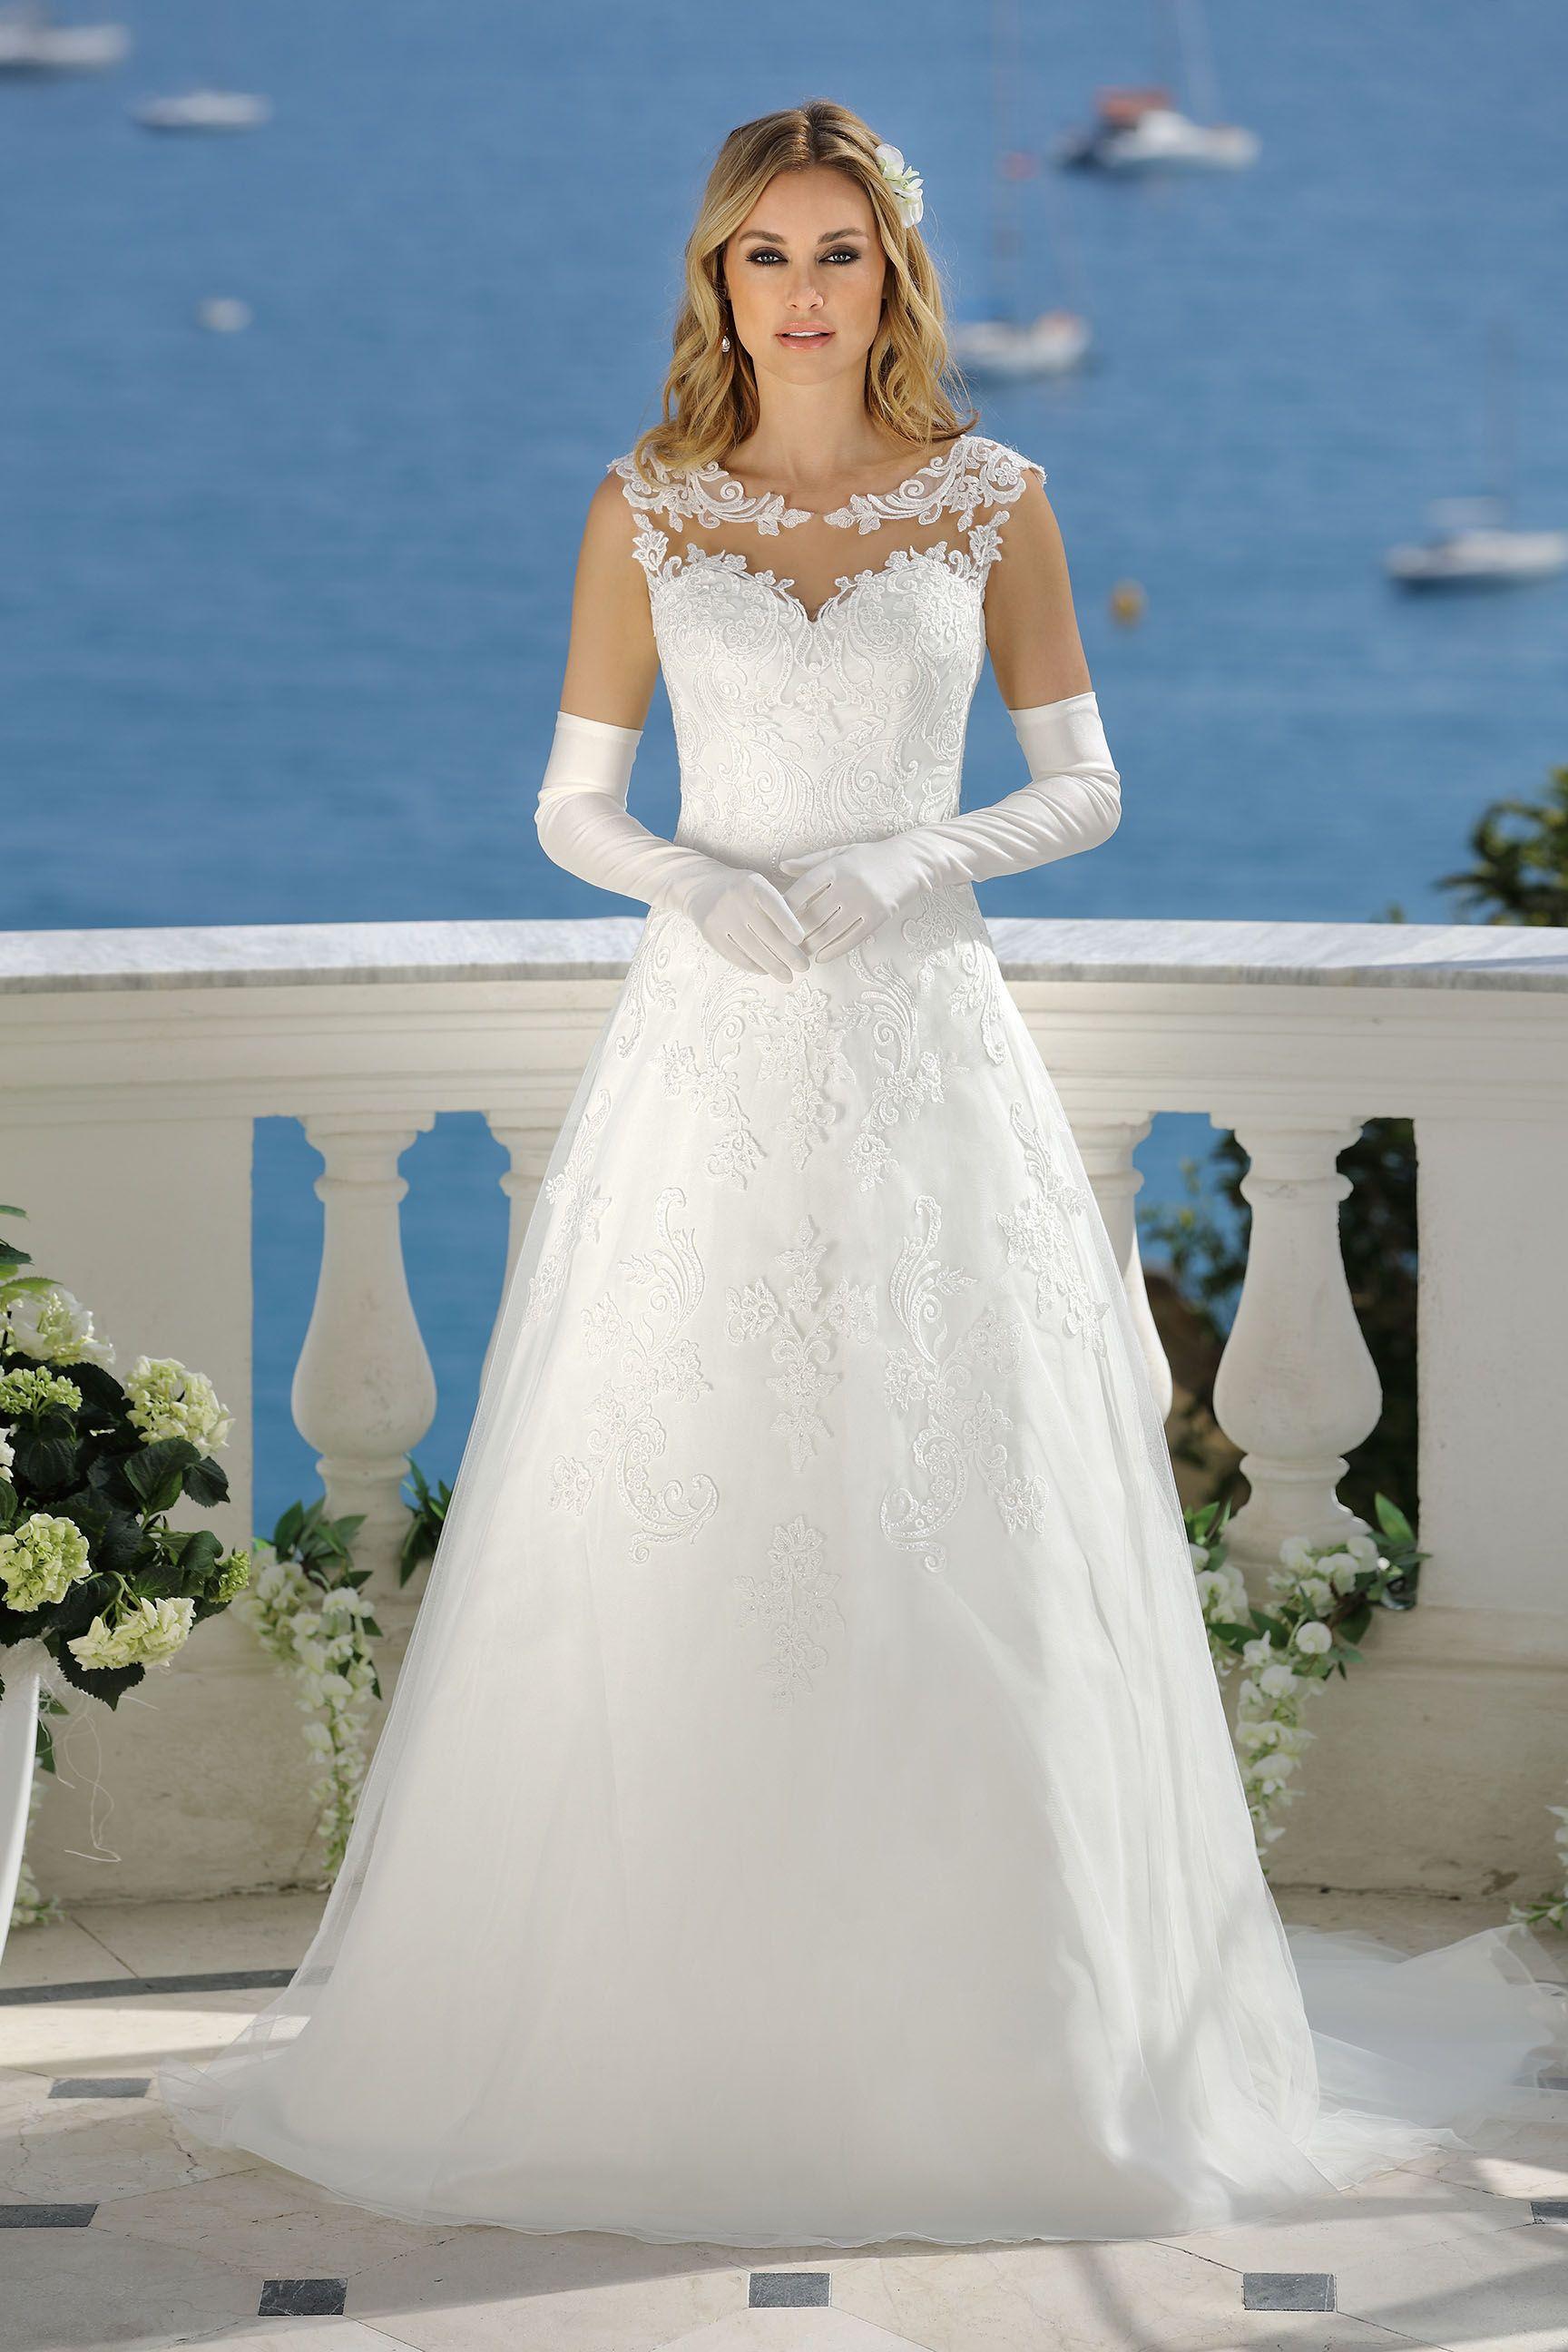 Affordable bohemian wedding dresses  BRAUTKLEIDER KOLLEKTION Brautkleider von Ladybird Brautmoden